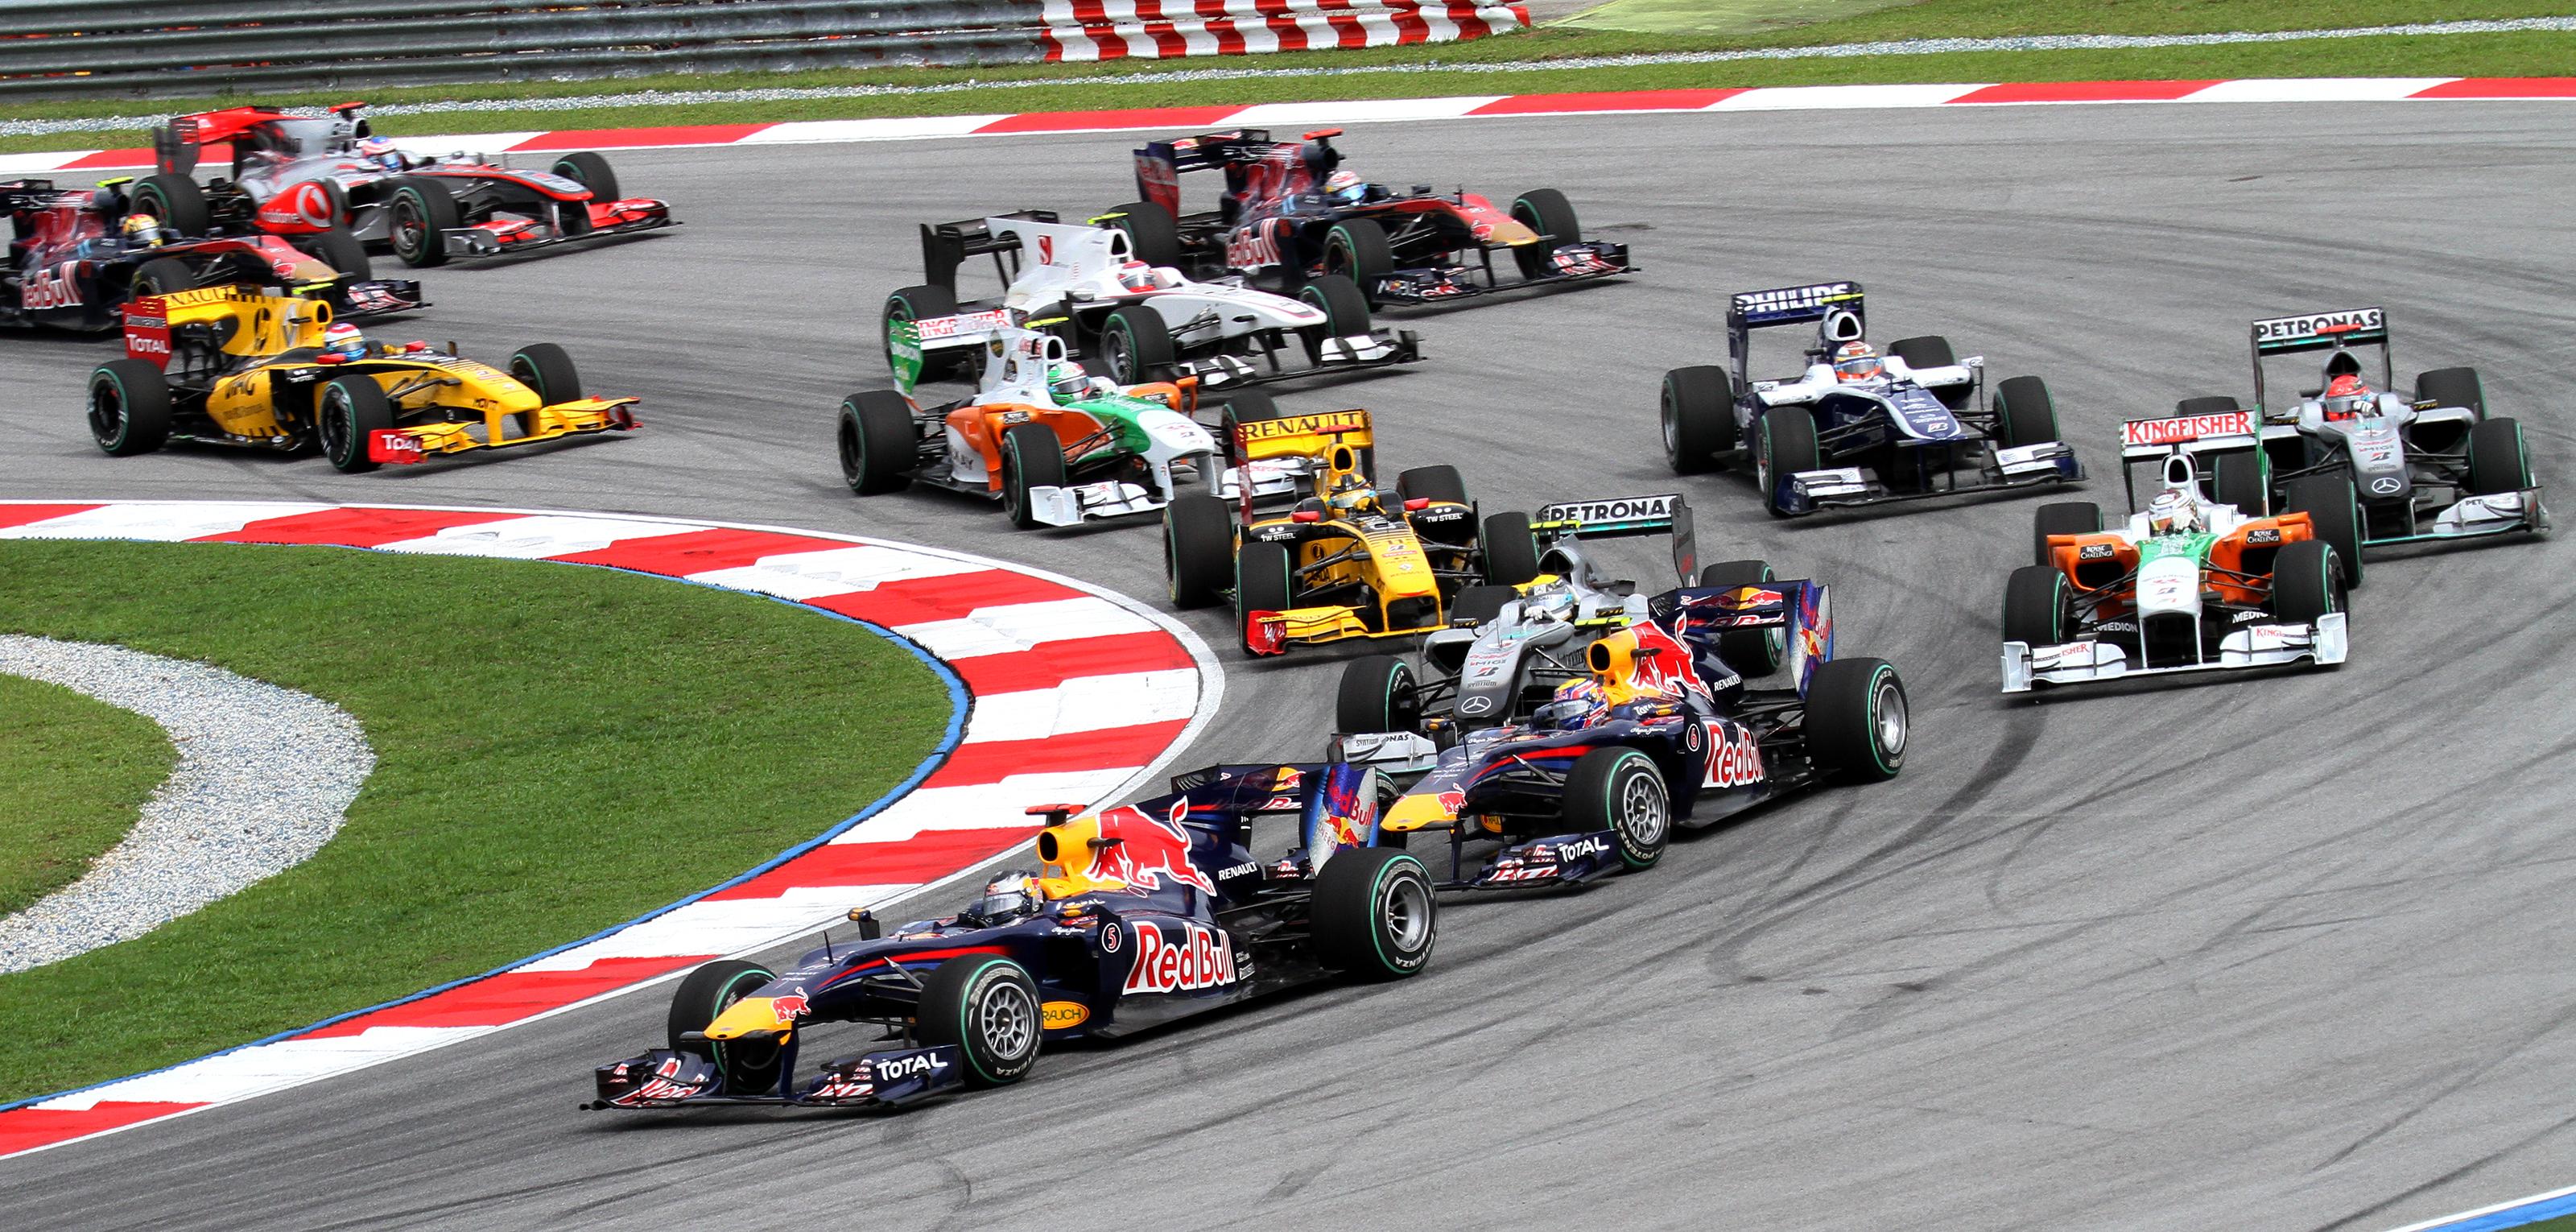 Otte Formel-1 Grand Prix'er på plads